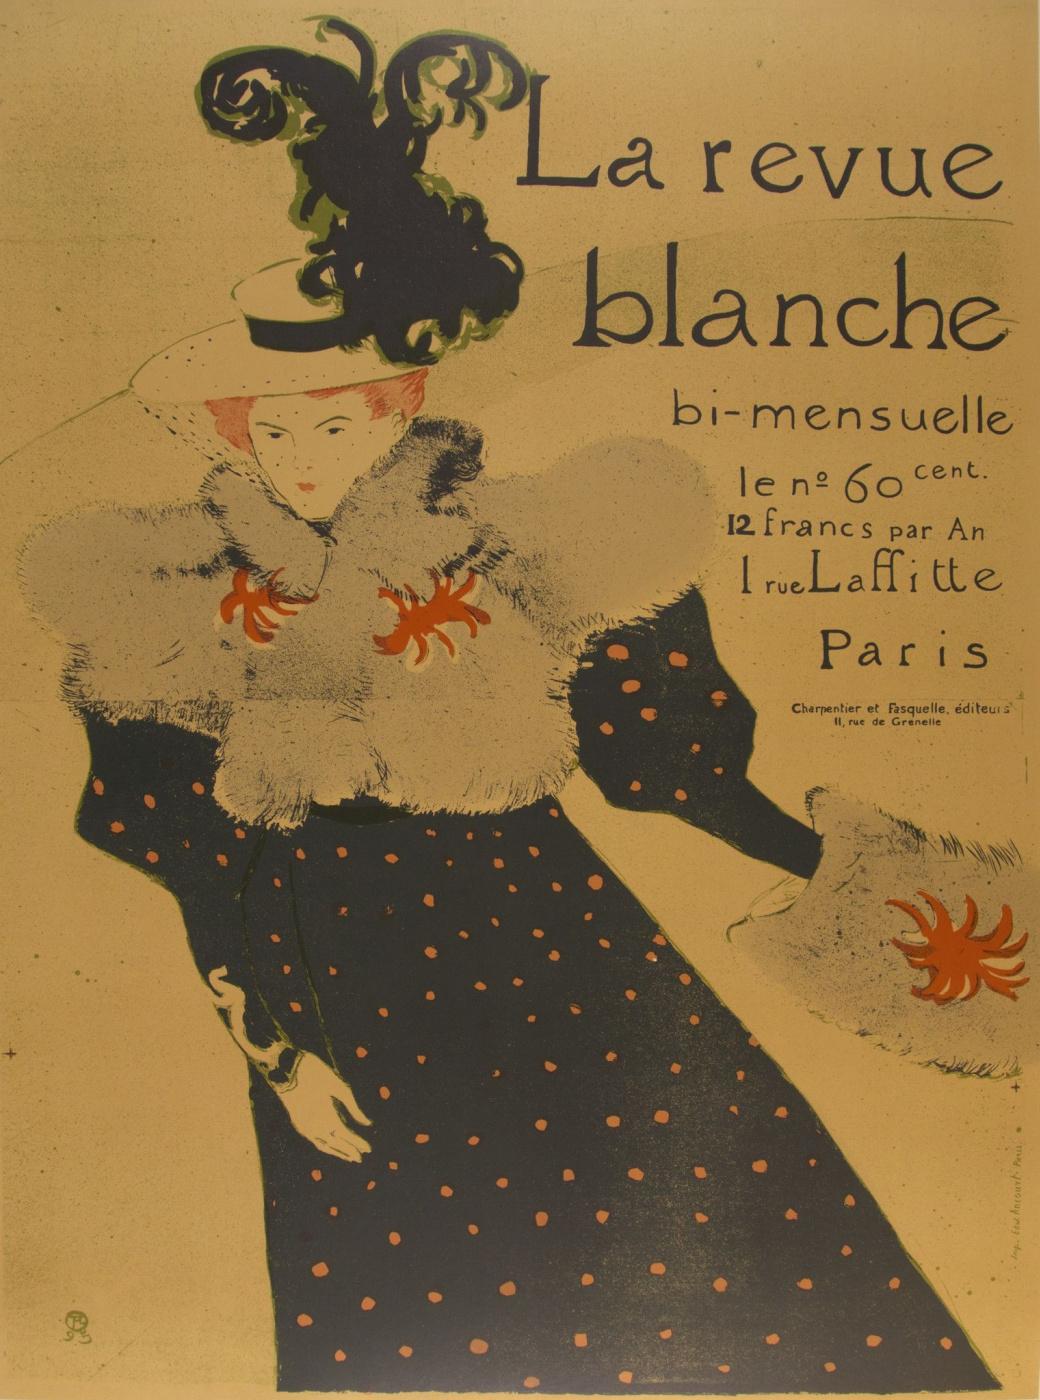 Henri de Toulouse-Lautrec. La Revue Blanche